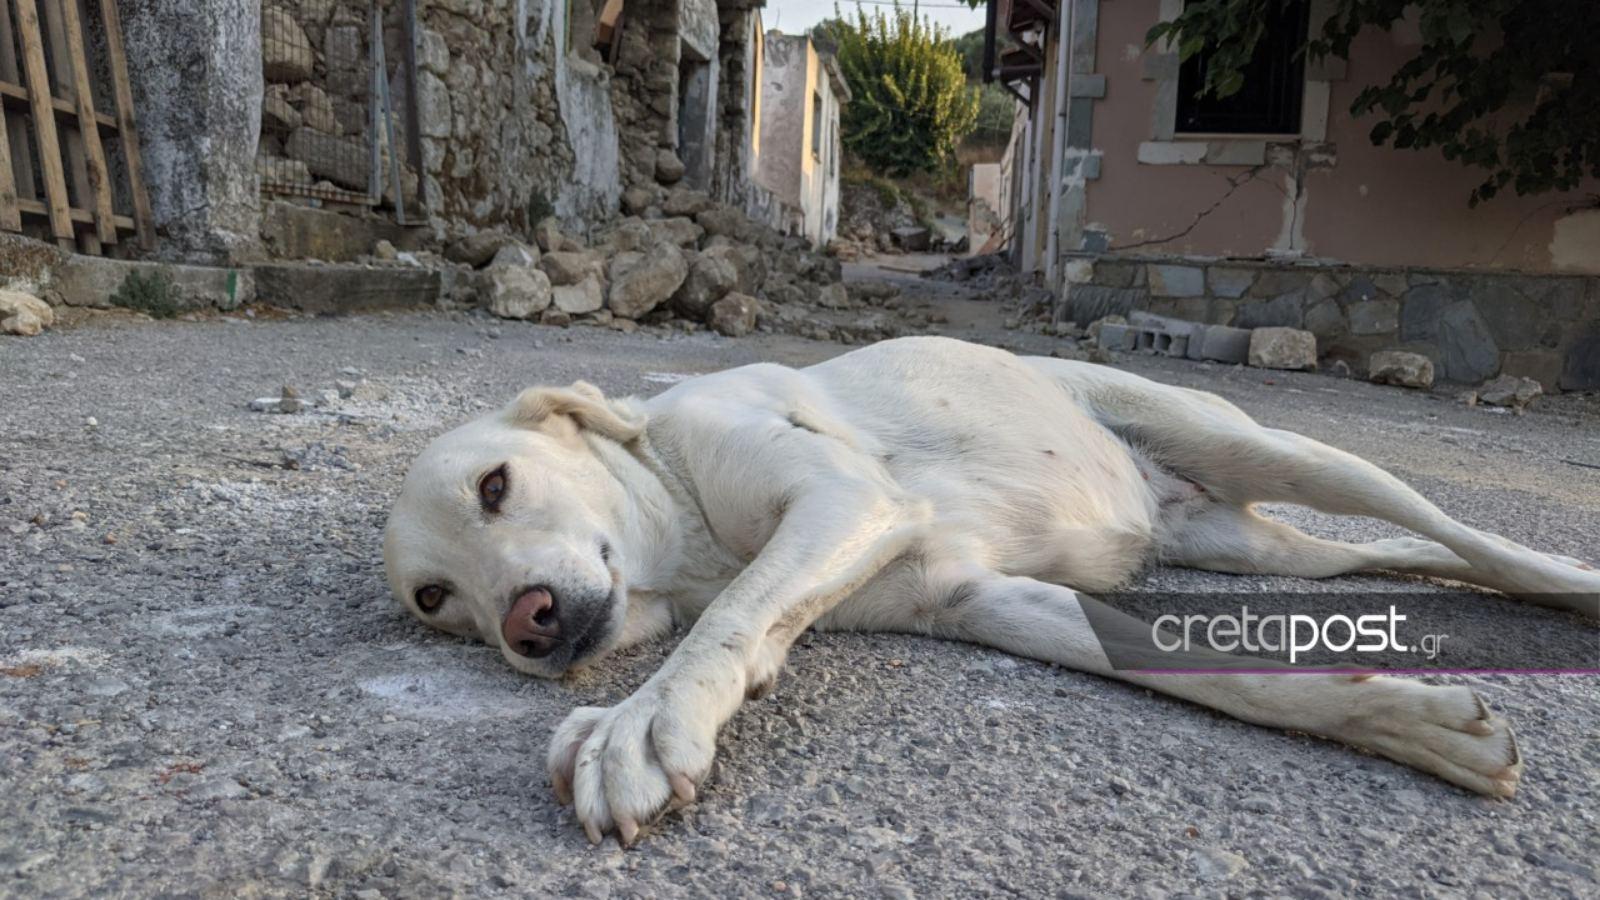 Σεισμός στην Κρήτη – Χουμέρι: Ένας σκύλος τριγυρνά μόνος στο «βομβαρδισμένο» χωριό